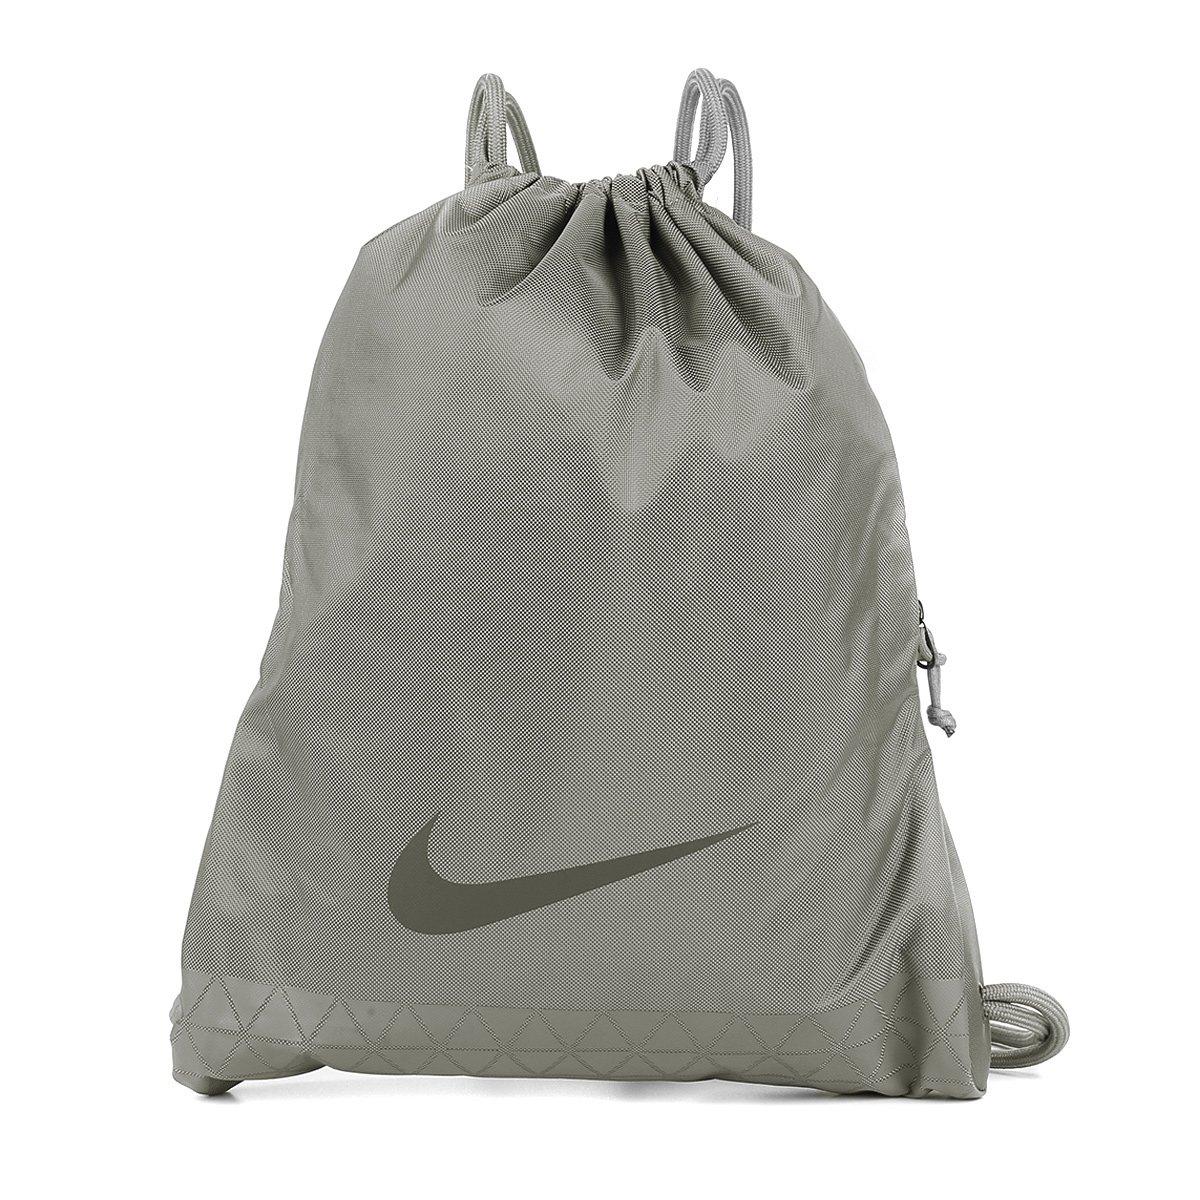 935675d58 Sacola Nike Vapor 2.0 | Livelo -Sua Vida com Mais Recompensas